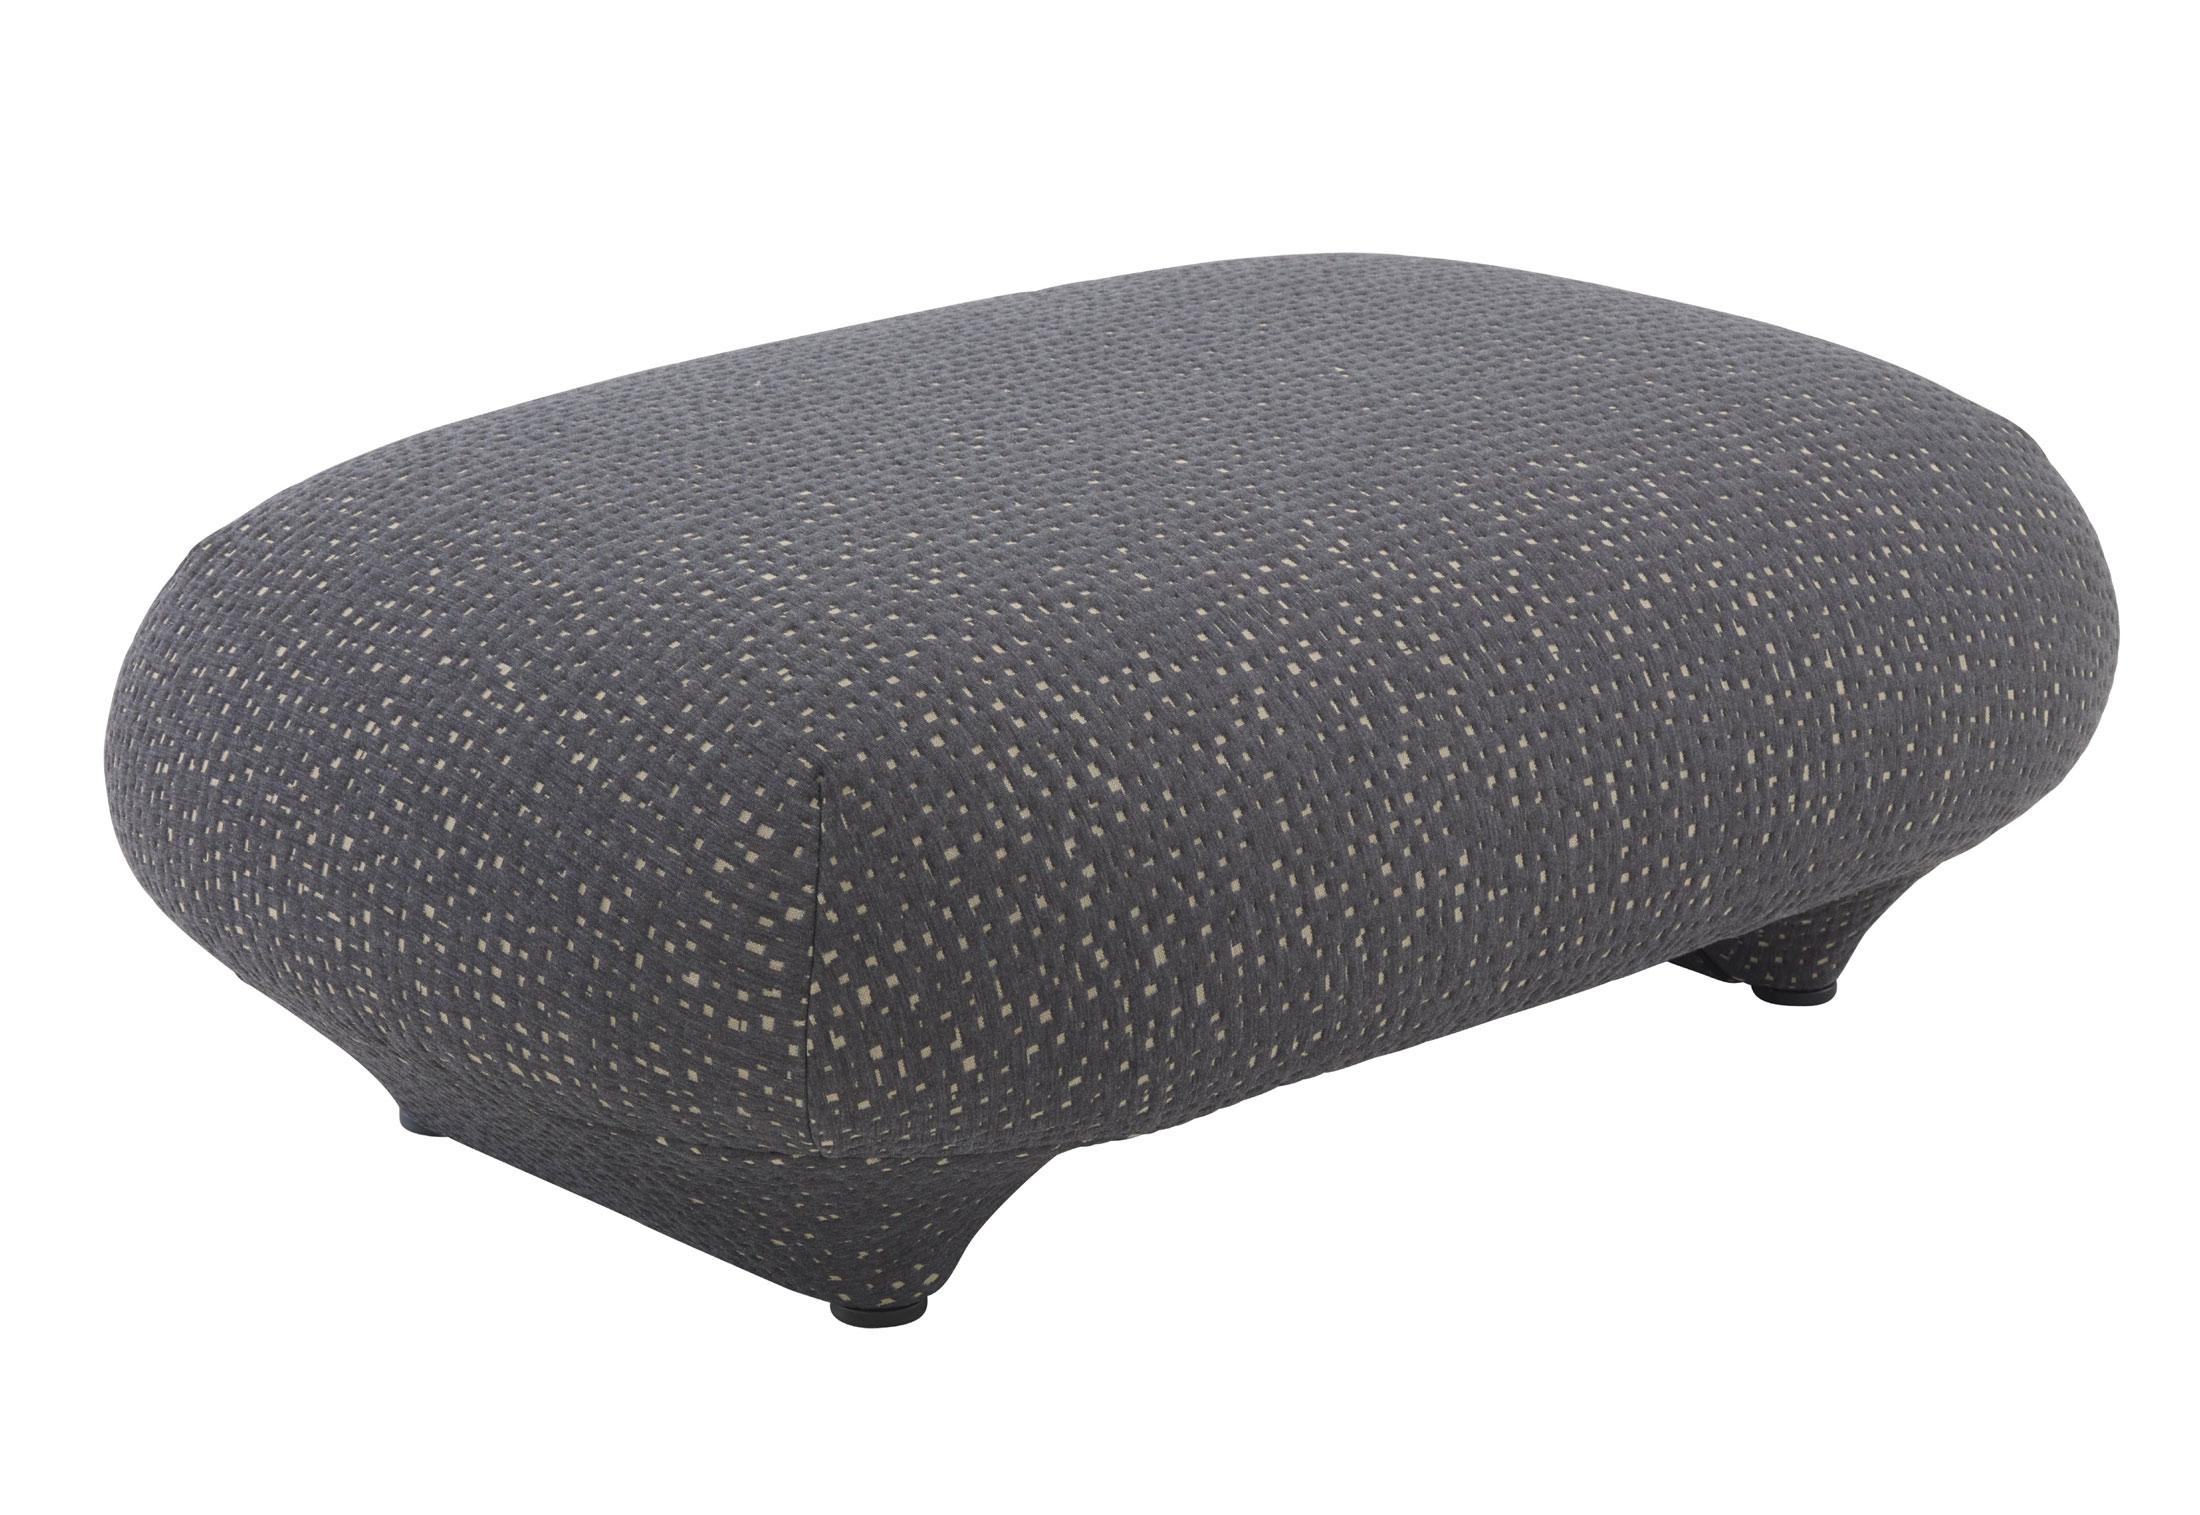 PLOUM stool by ligne roset | STYLEPARK